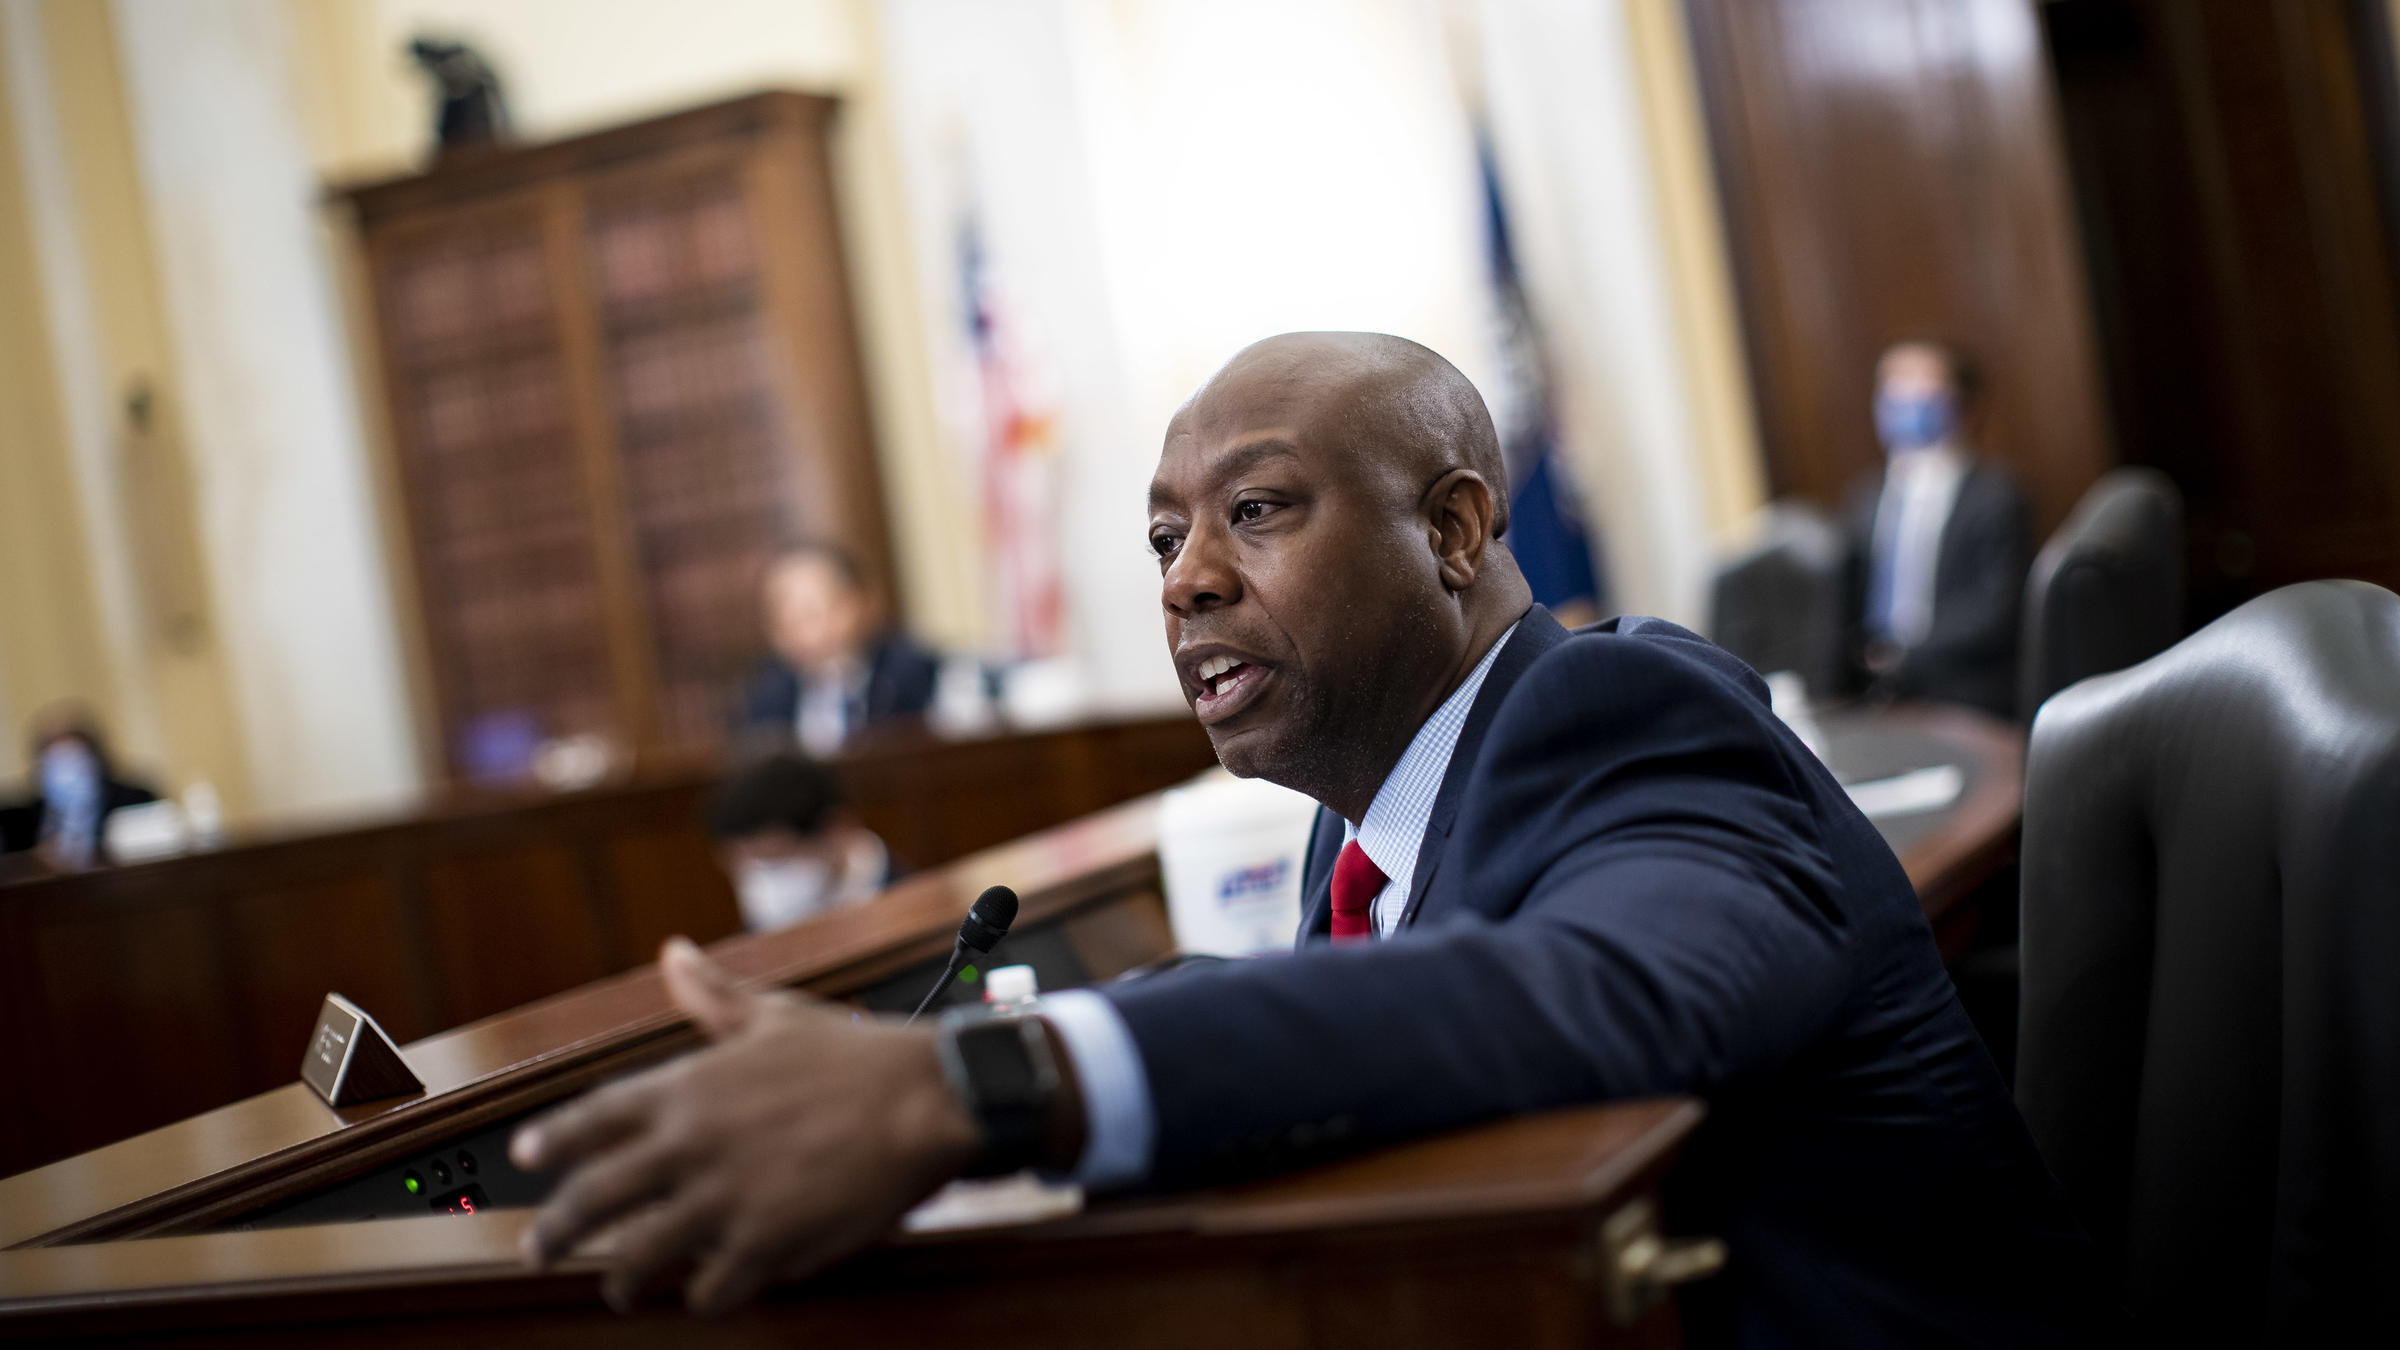 Senate Republicans' unveil policing bill, Democrats say it doesn't go far enough